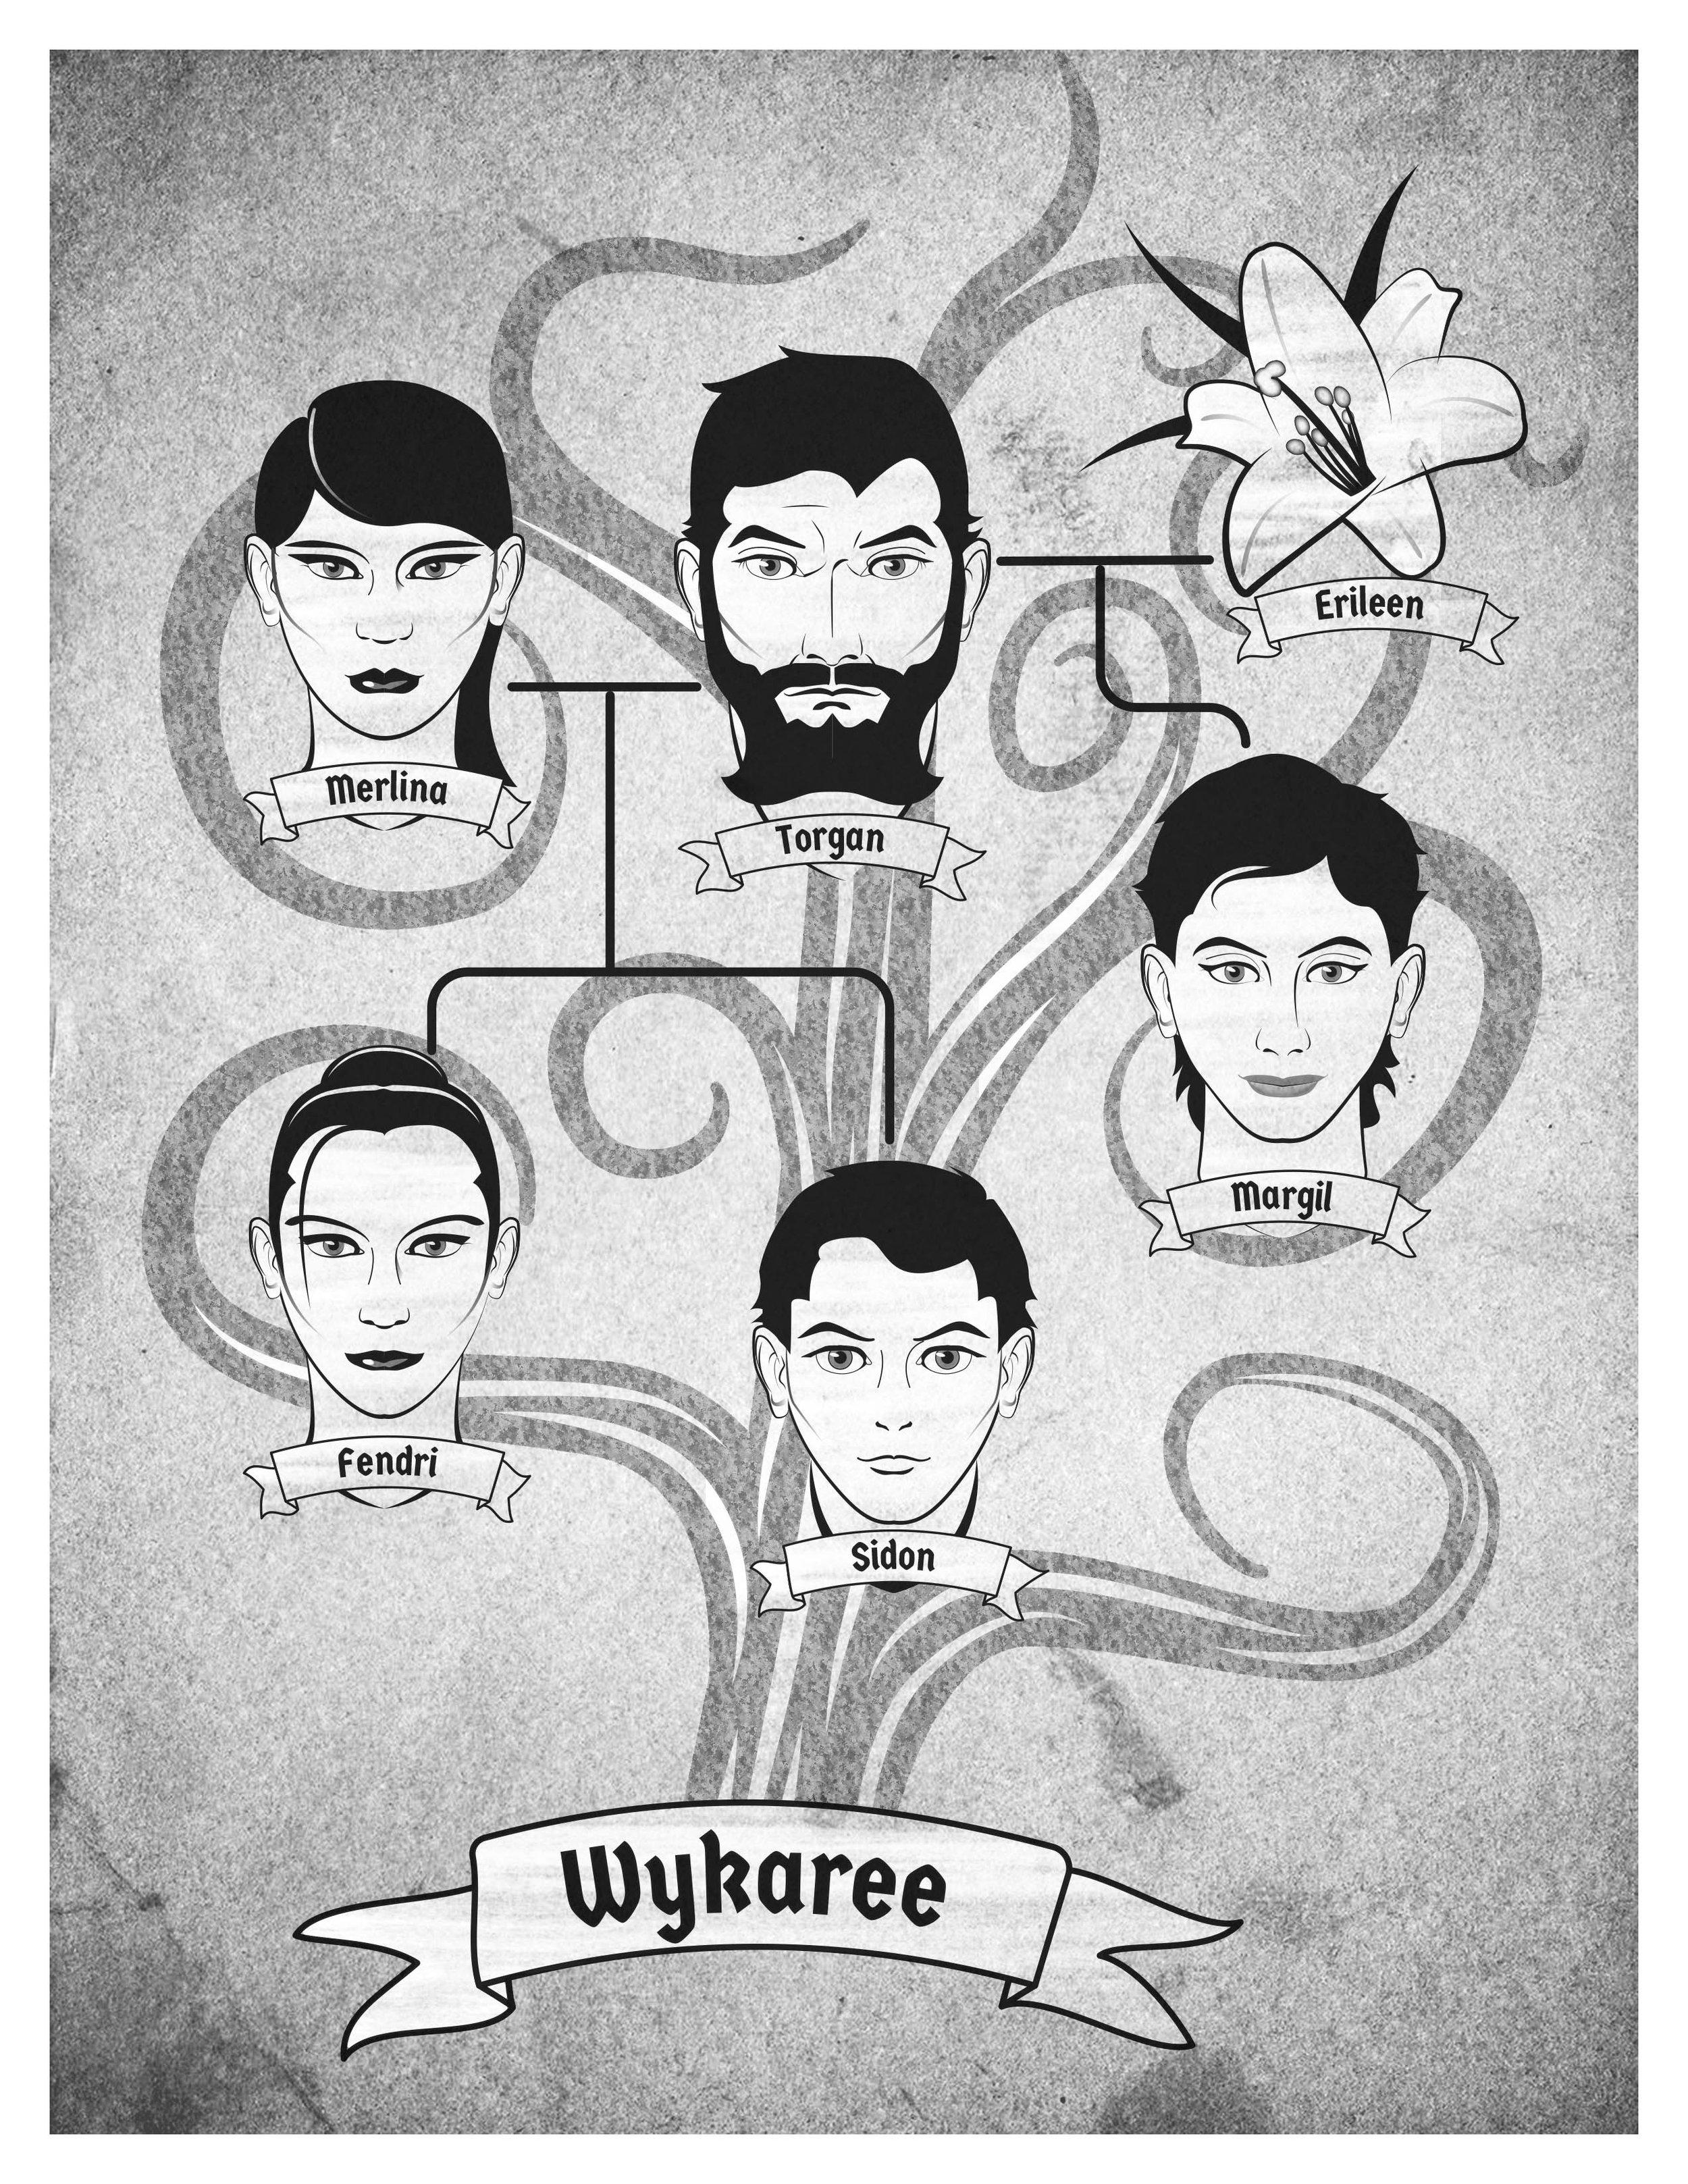 Wykaree Family Tree